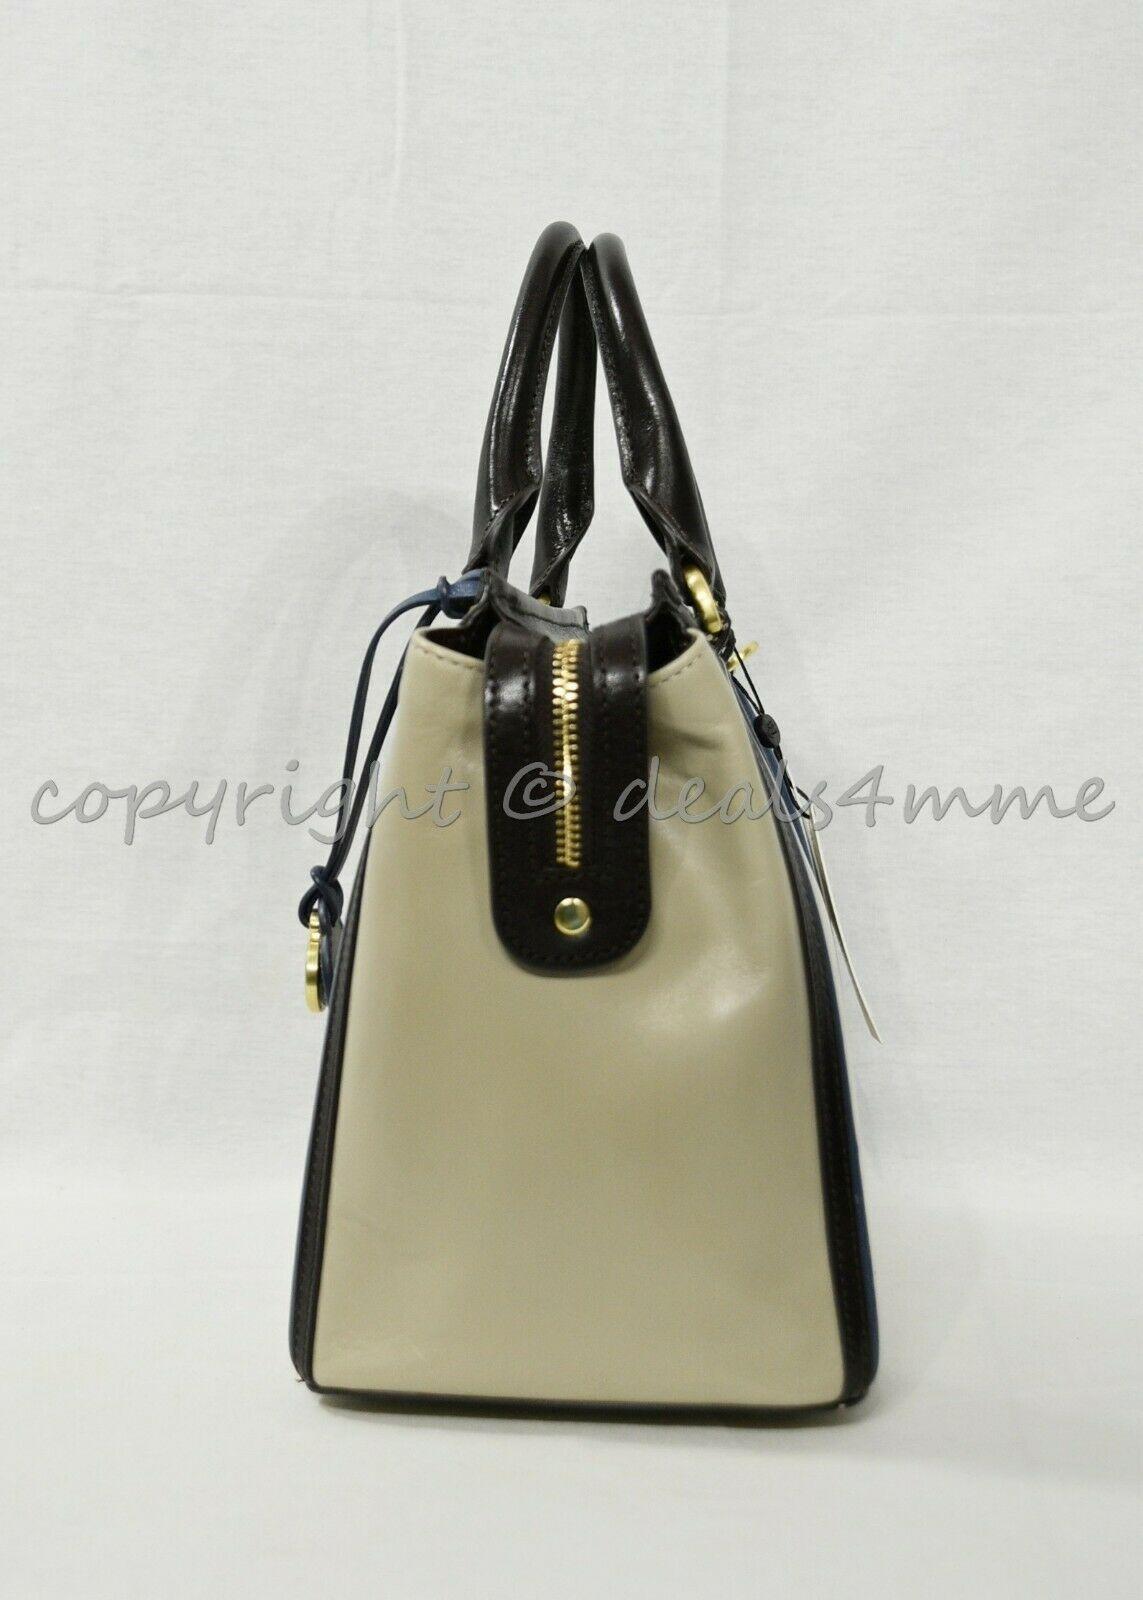 NWT Brahmin Schooner Smooth Leather Satchel/Shoulder Bag in Sand Westport image 4